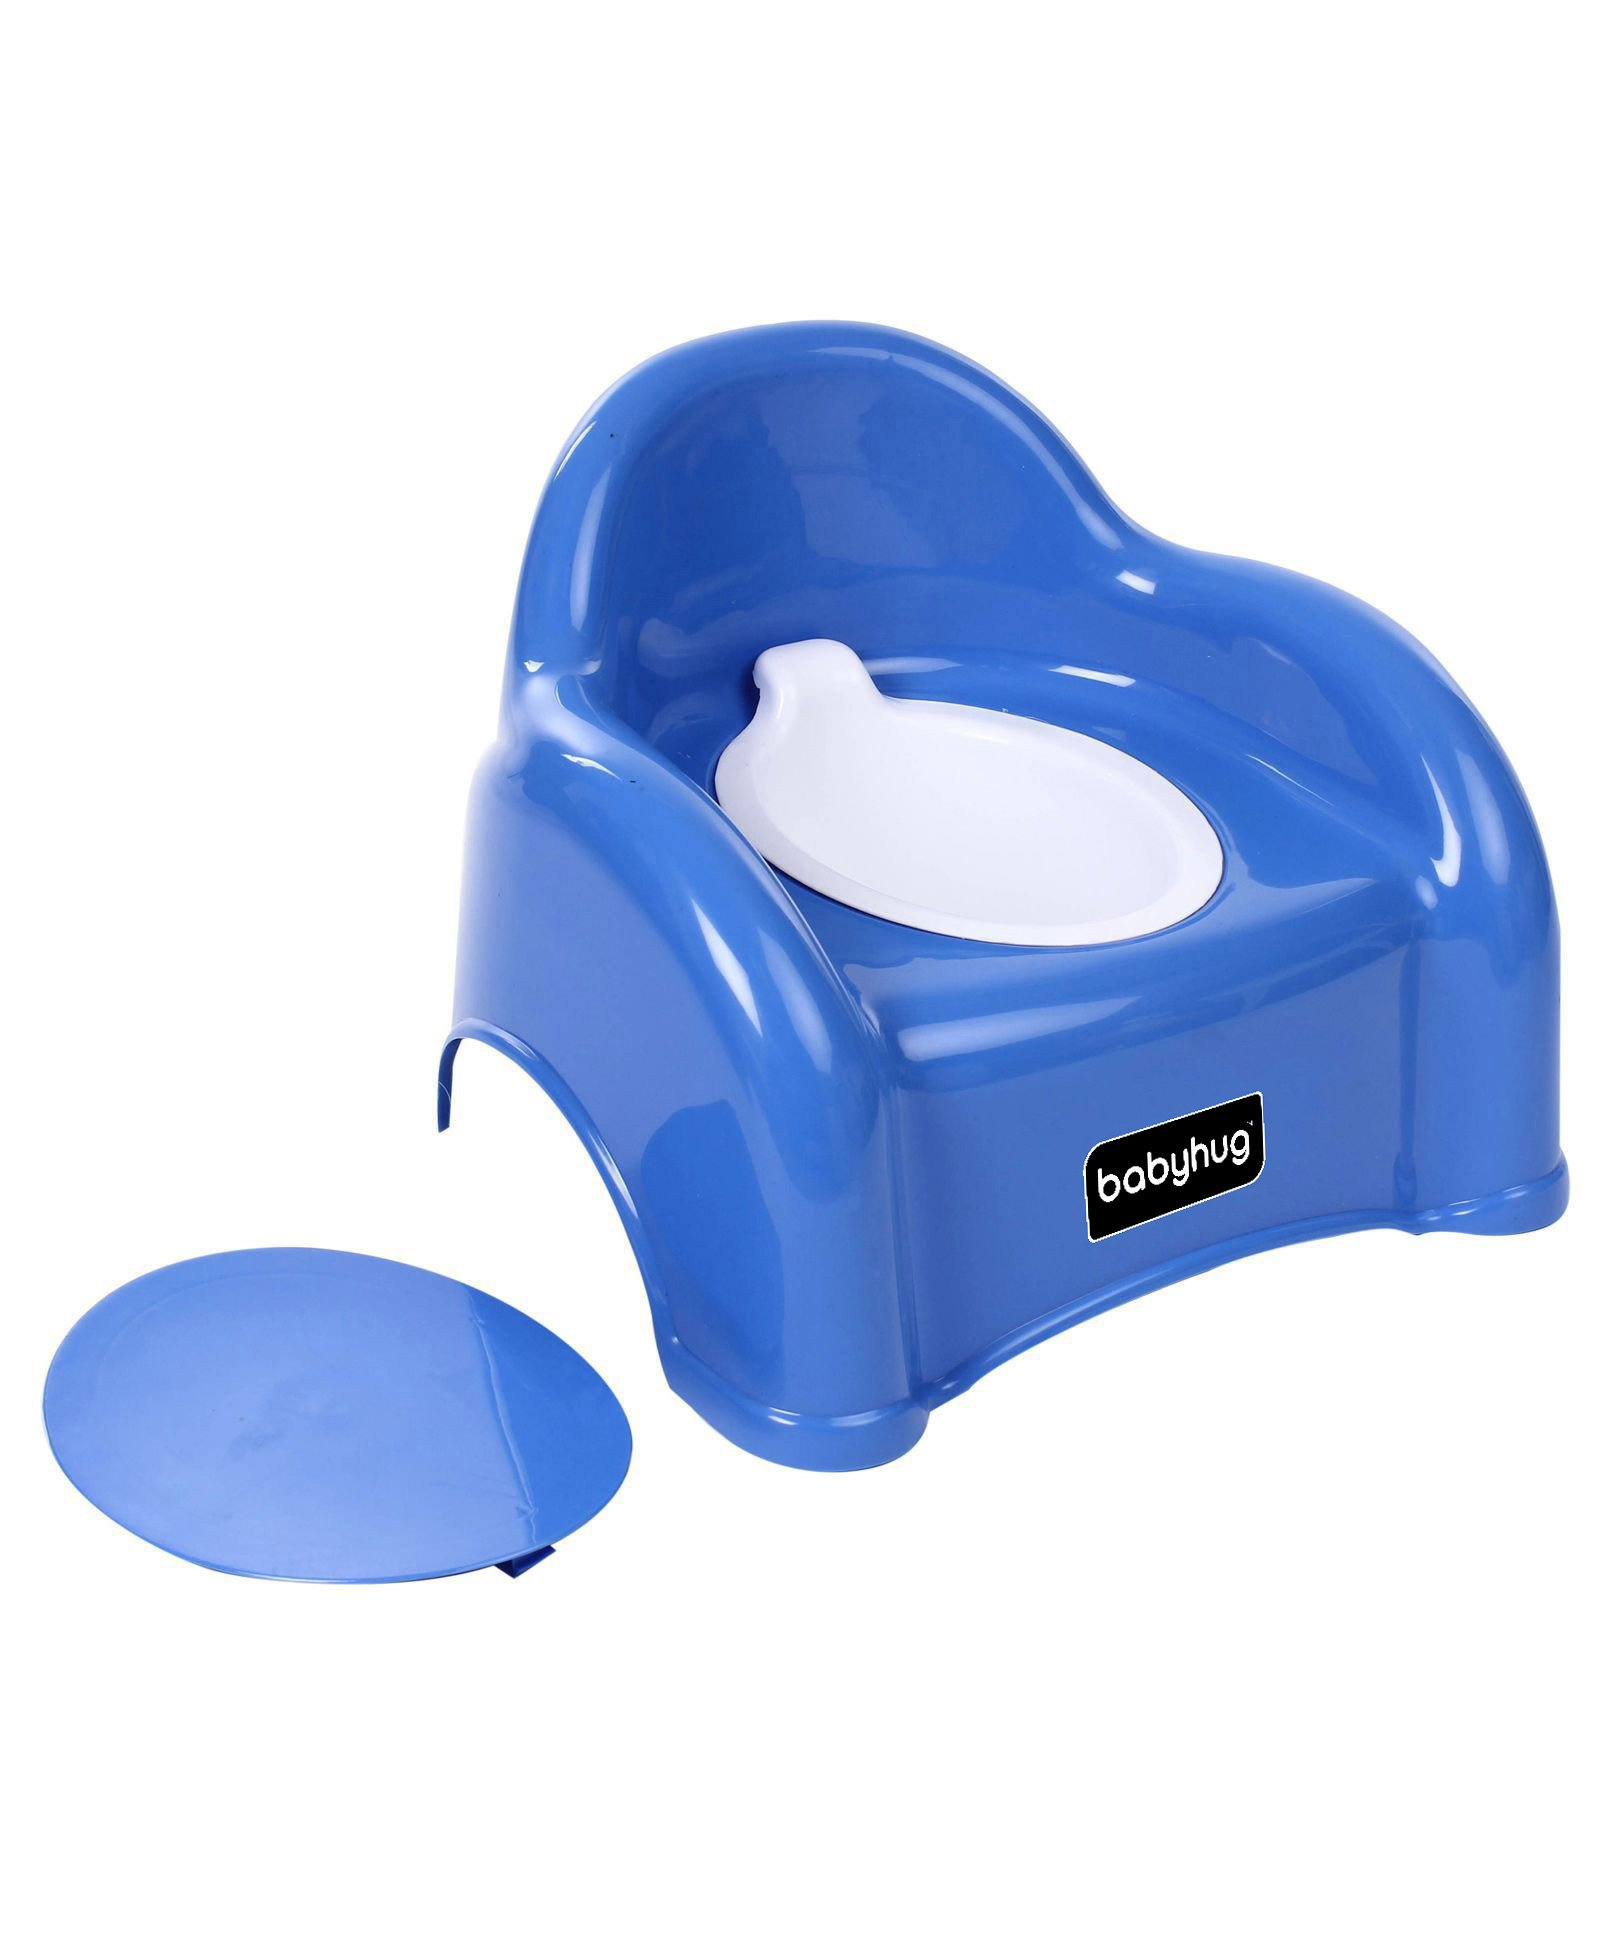 Babyhug  2 in 1 Baby Potty Seat Cum Chair - Blue